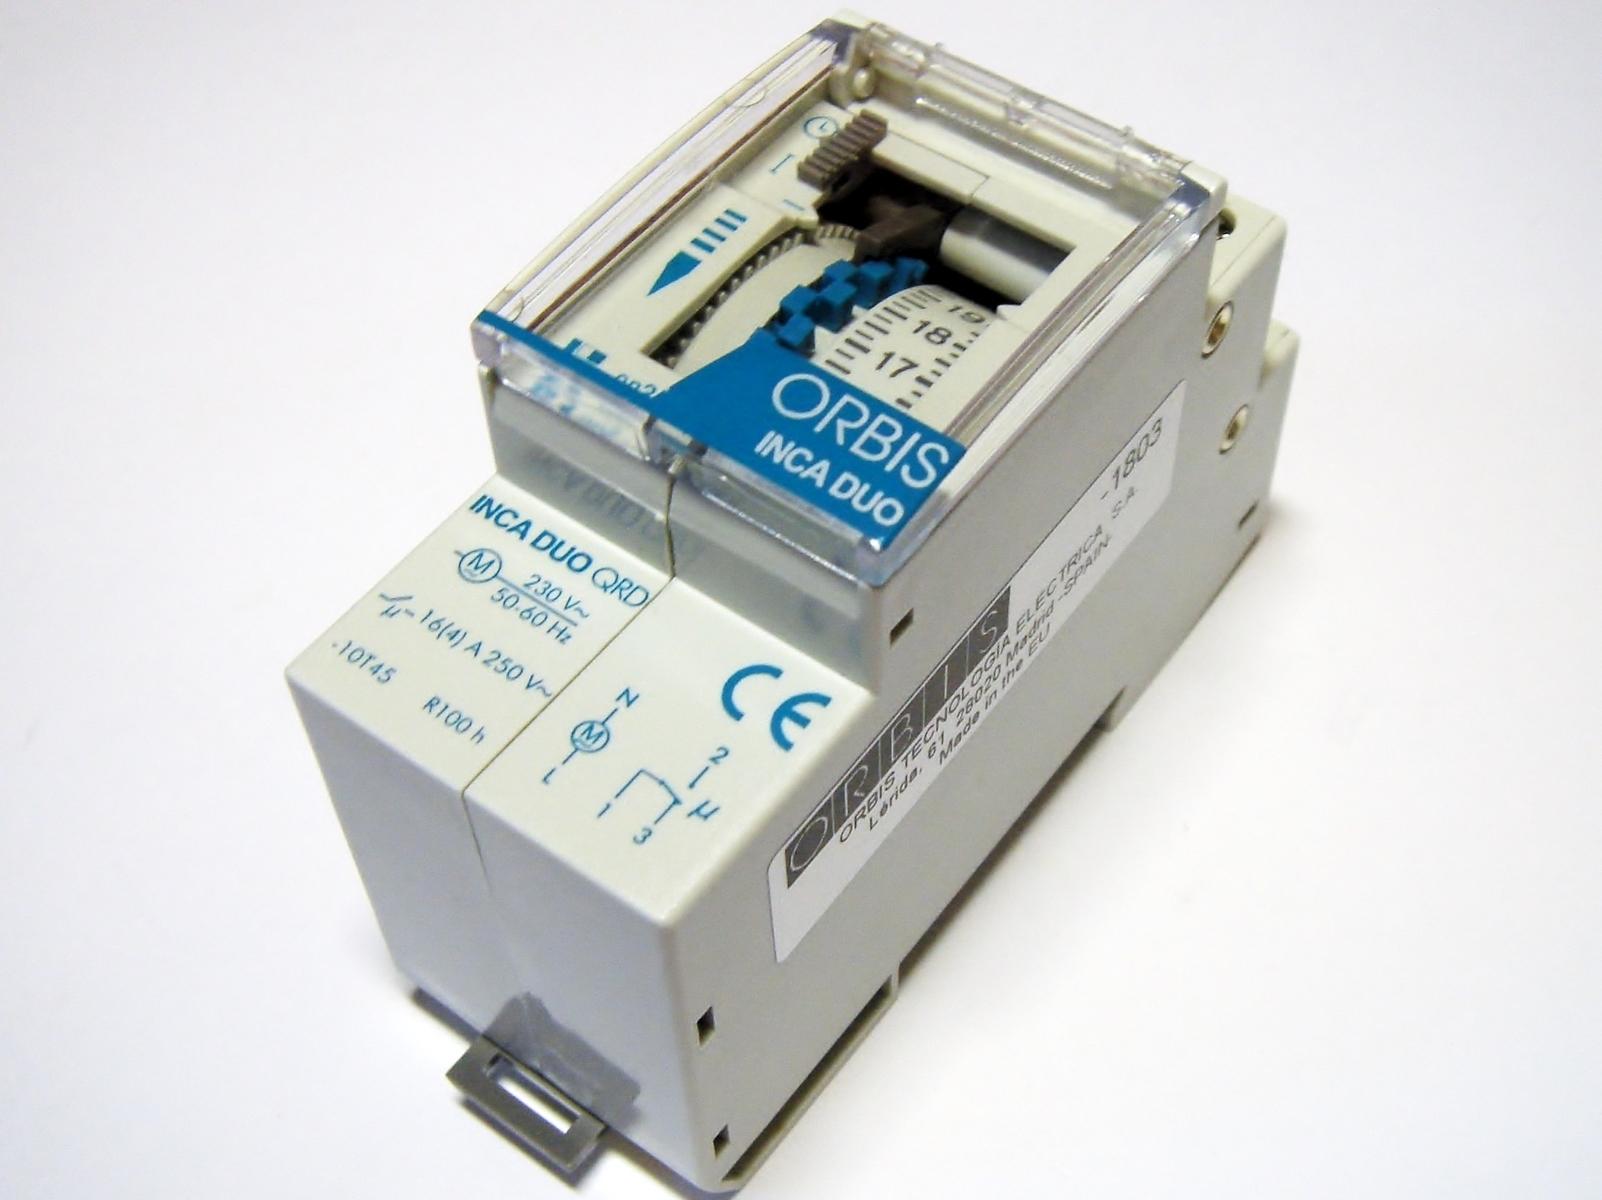 Ööpäevane elektromehaaniline aegrelee Orbis, Inca Duo QRD, OB330232